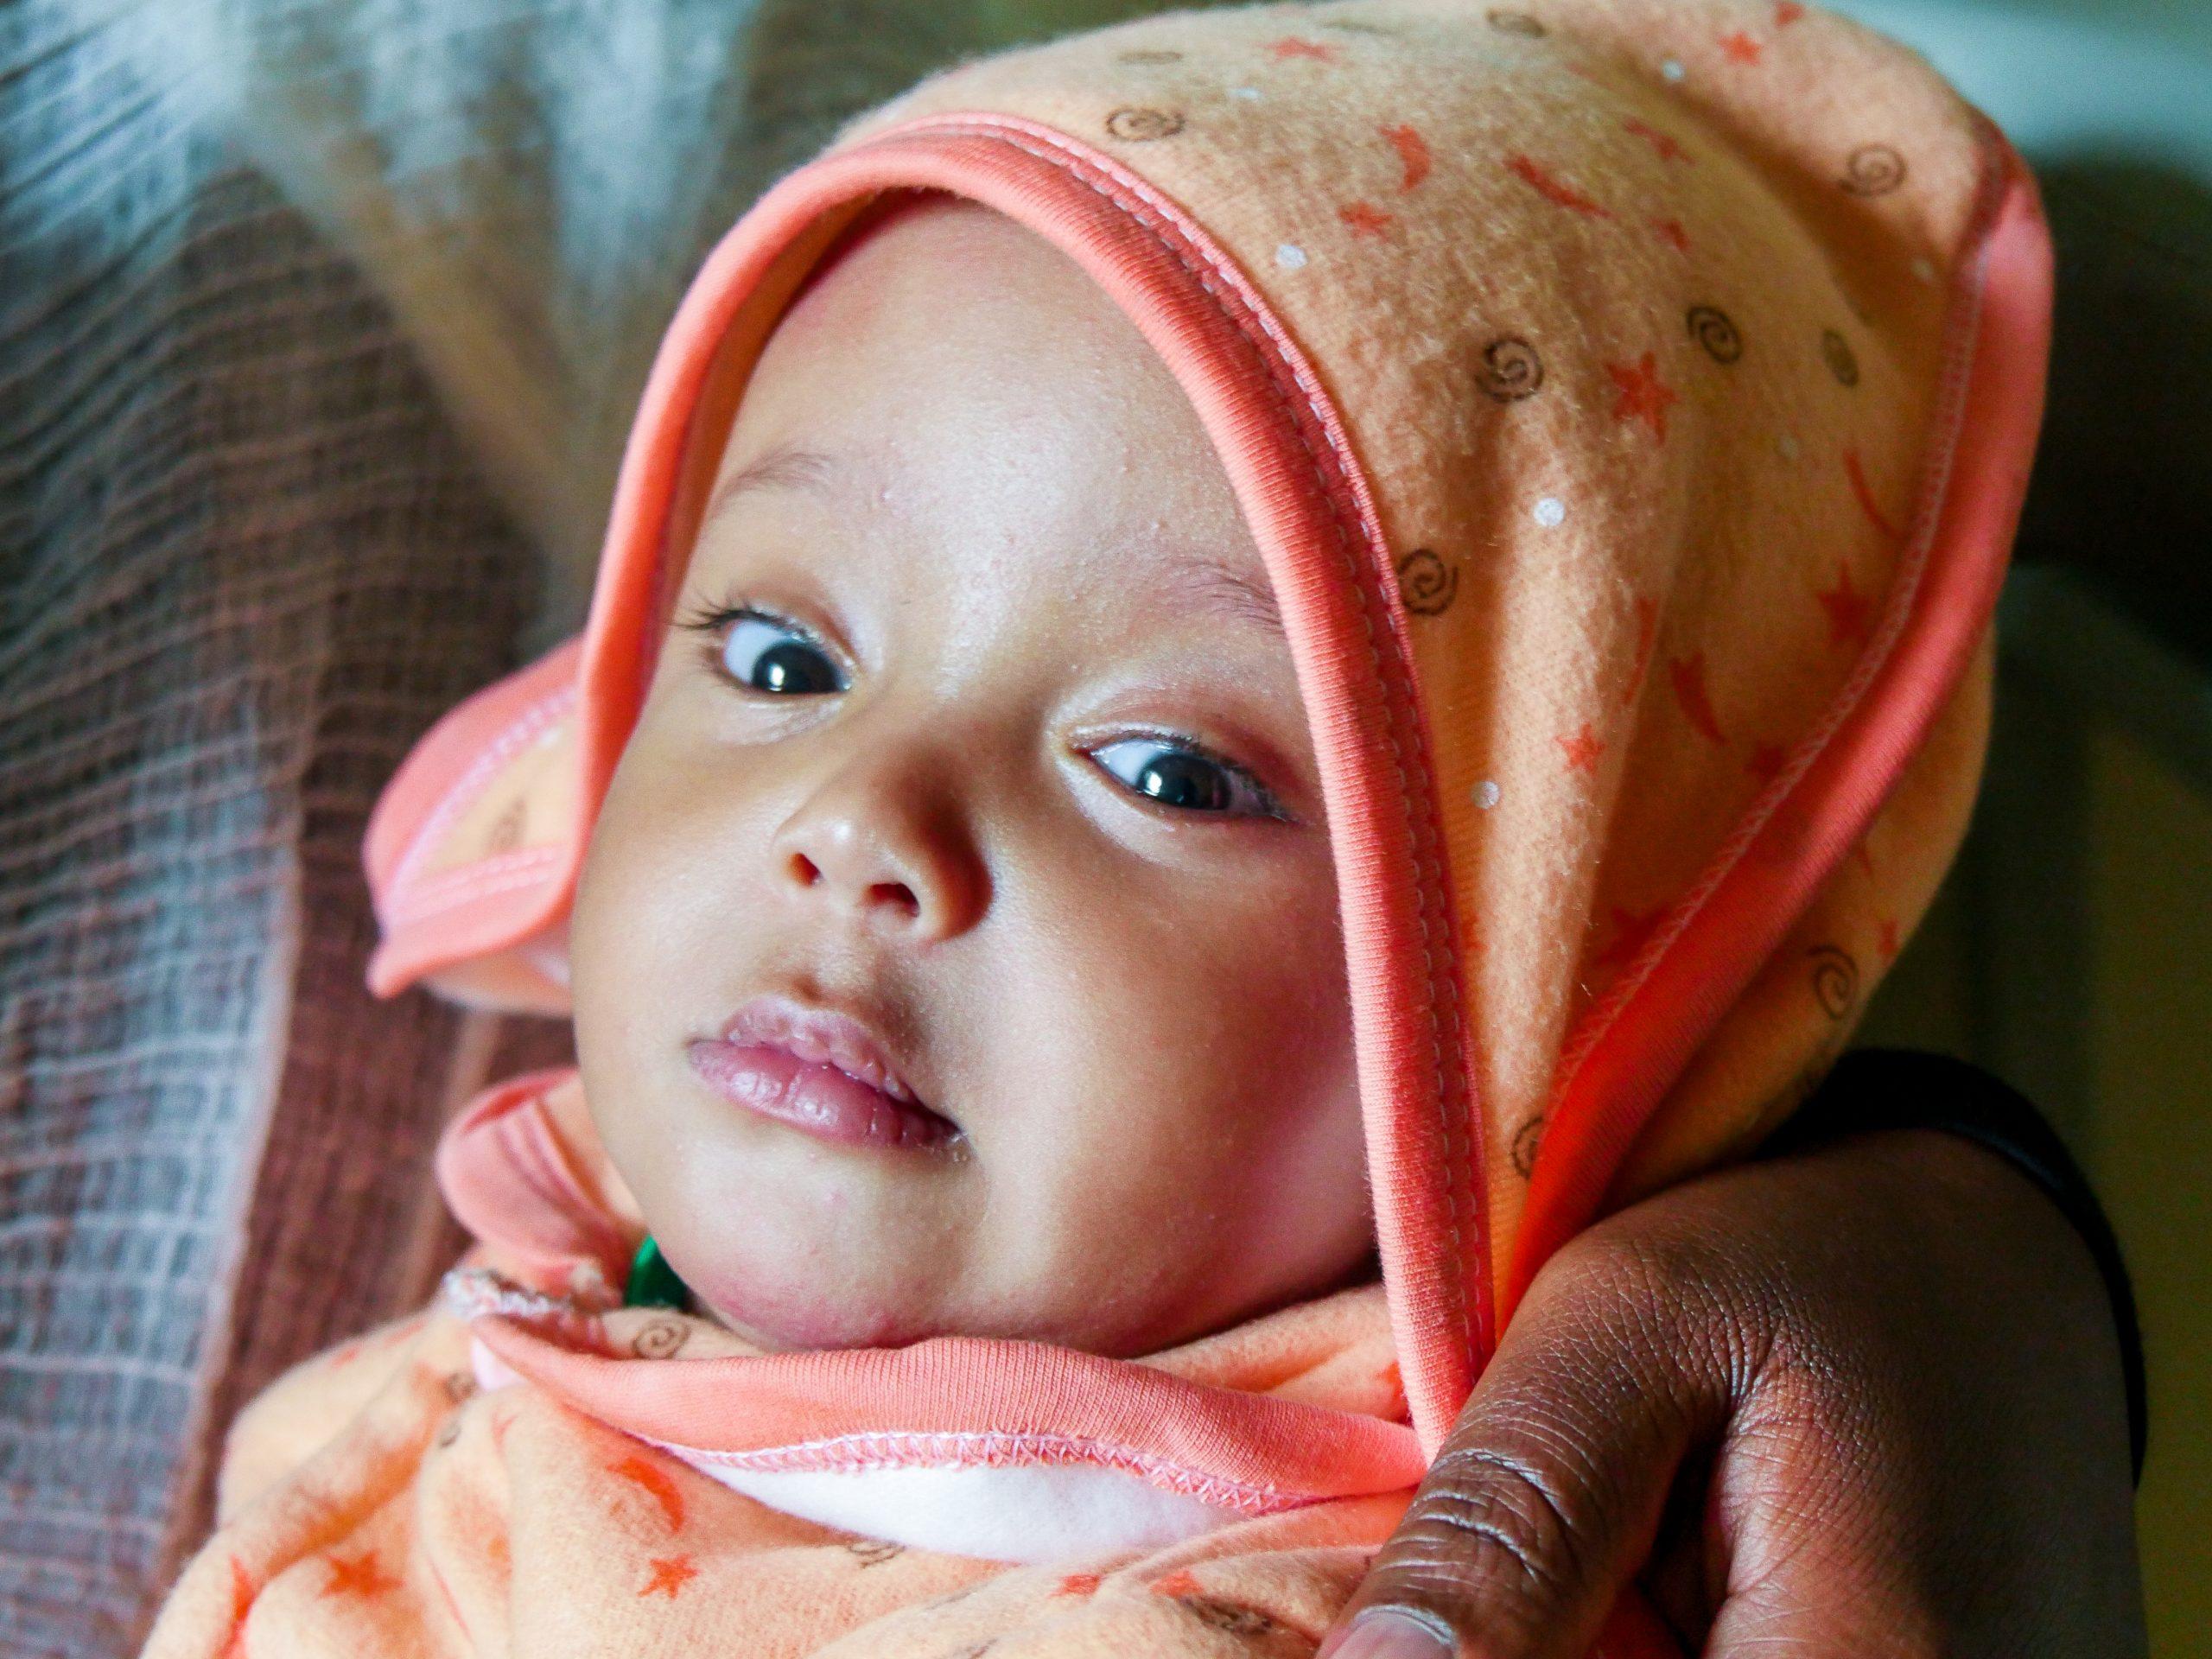 Gezocht: sponsoren die ons willen ondersteunen om kinderen in Ethiopië een toekomst te bieden